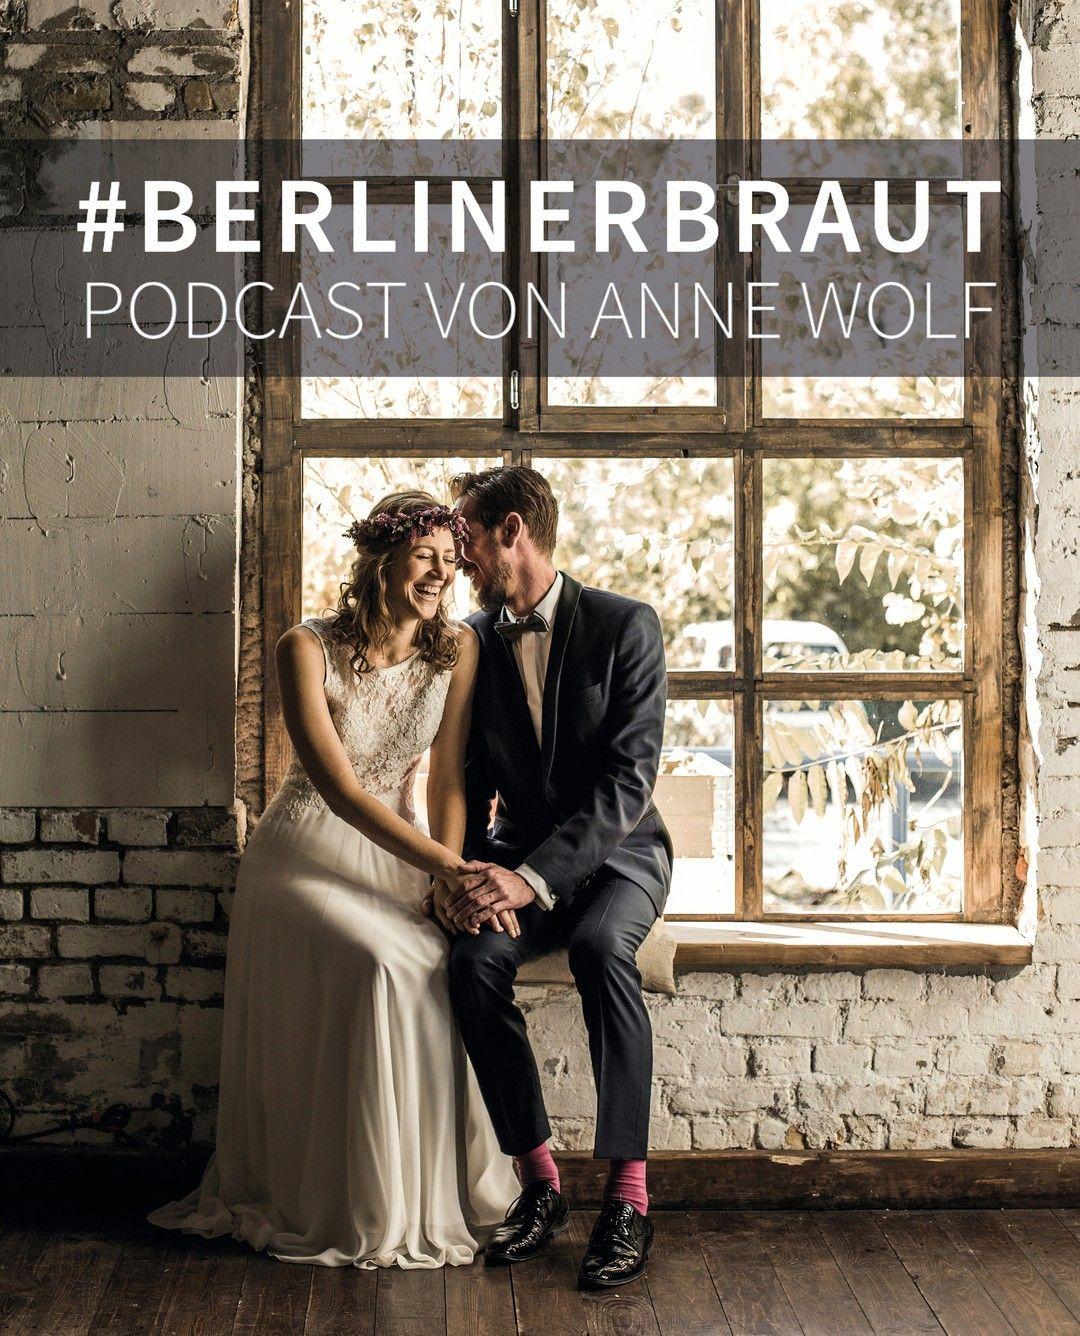 Heute Geht Es Los Anne Wolf Startet Mit Ihrem Ersten Podcast Berlinerbrautpodcast In Ihrem Podcast Spricht Anne Mit Brauten Trauzeugin Braut Brautmutter